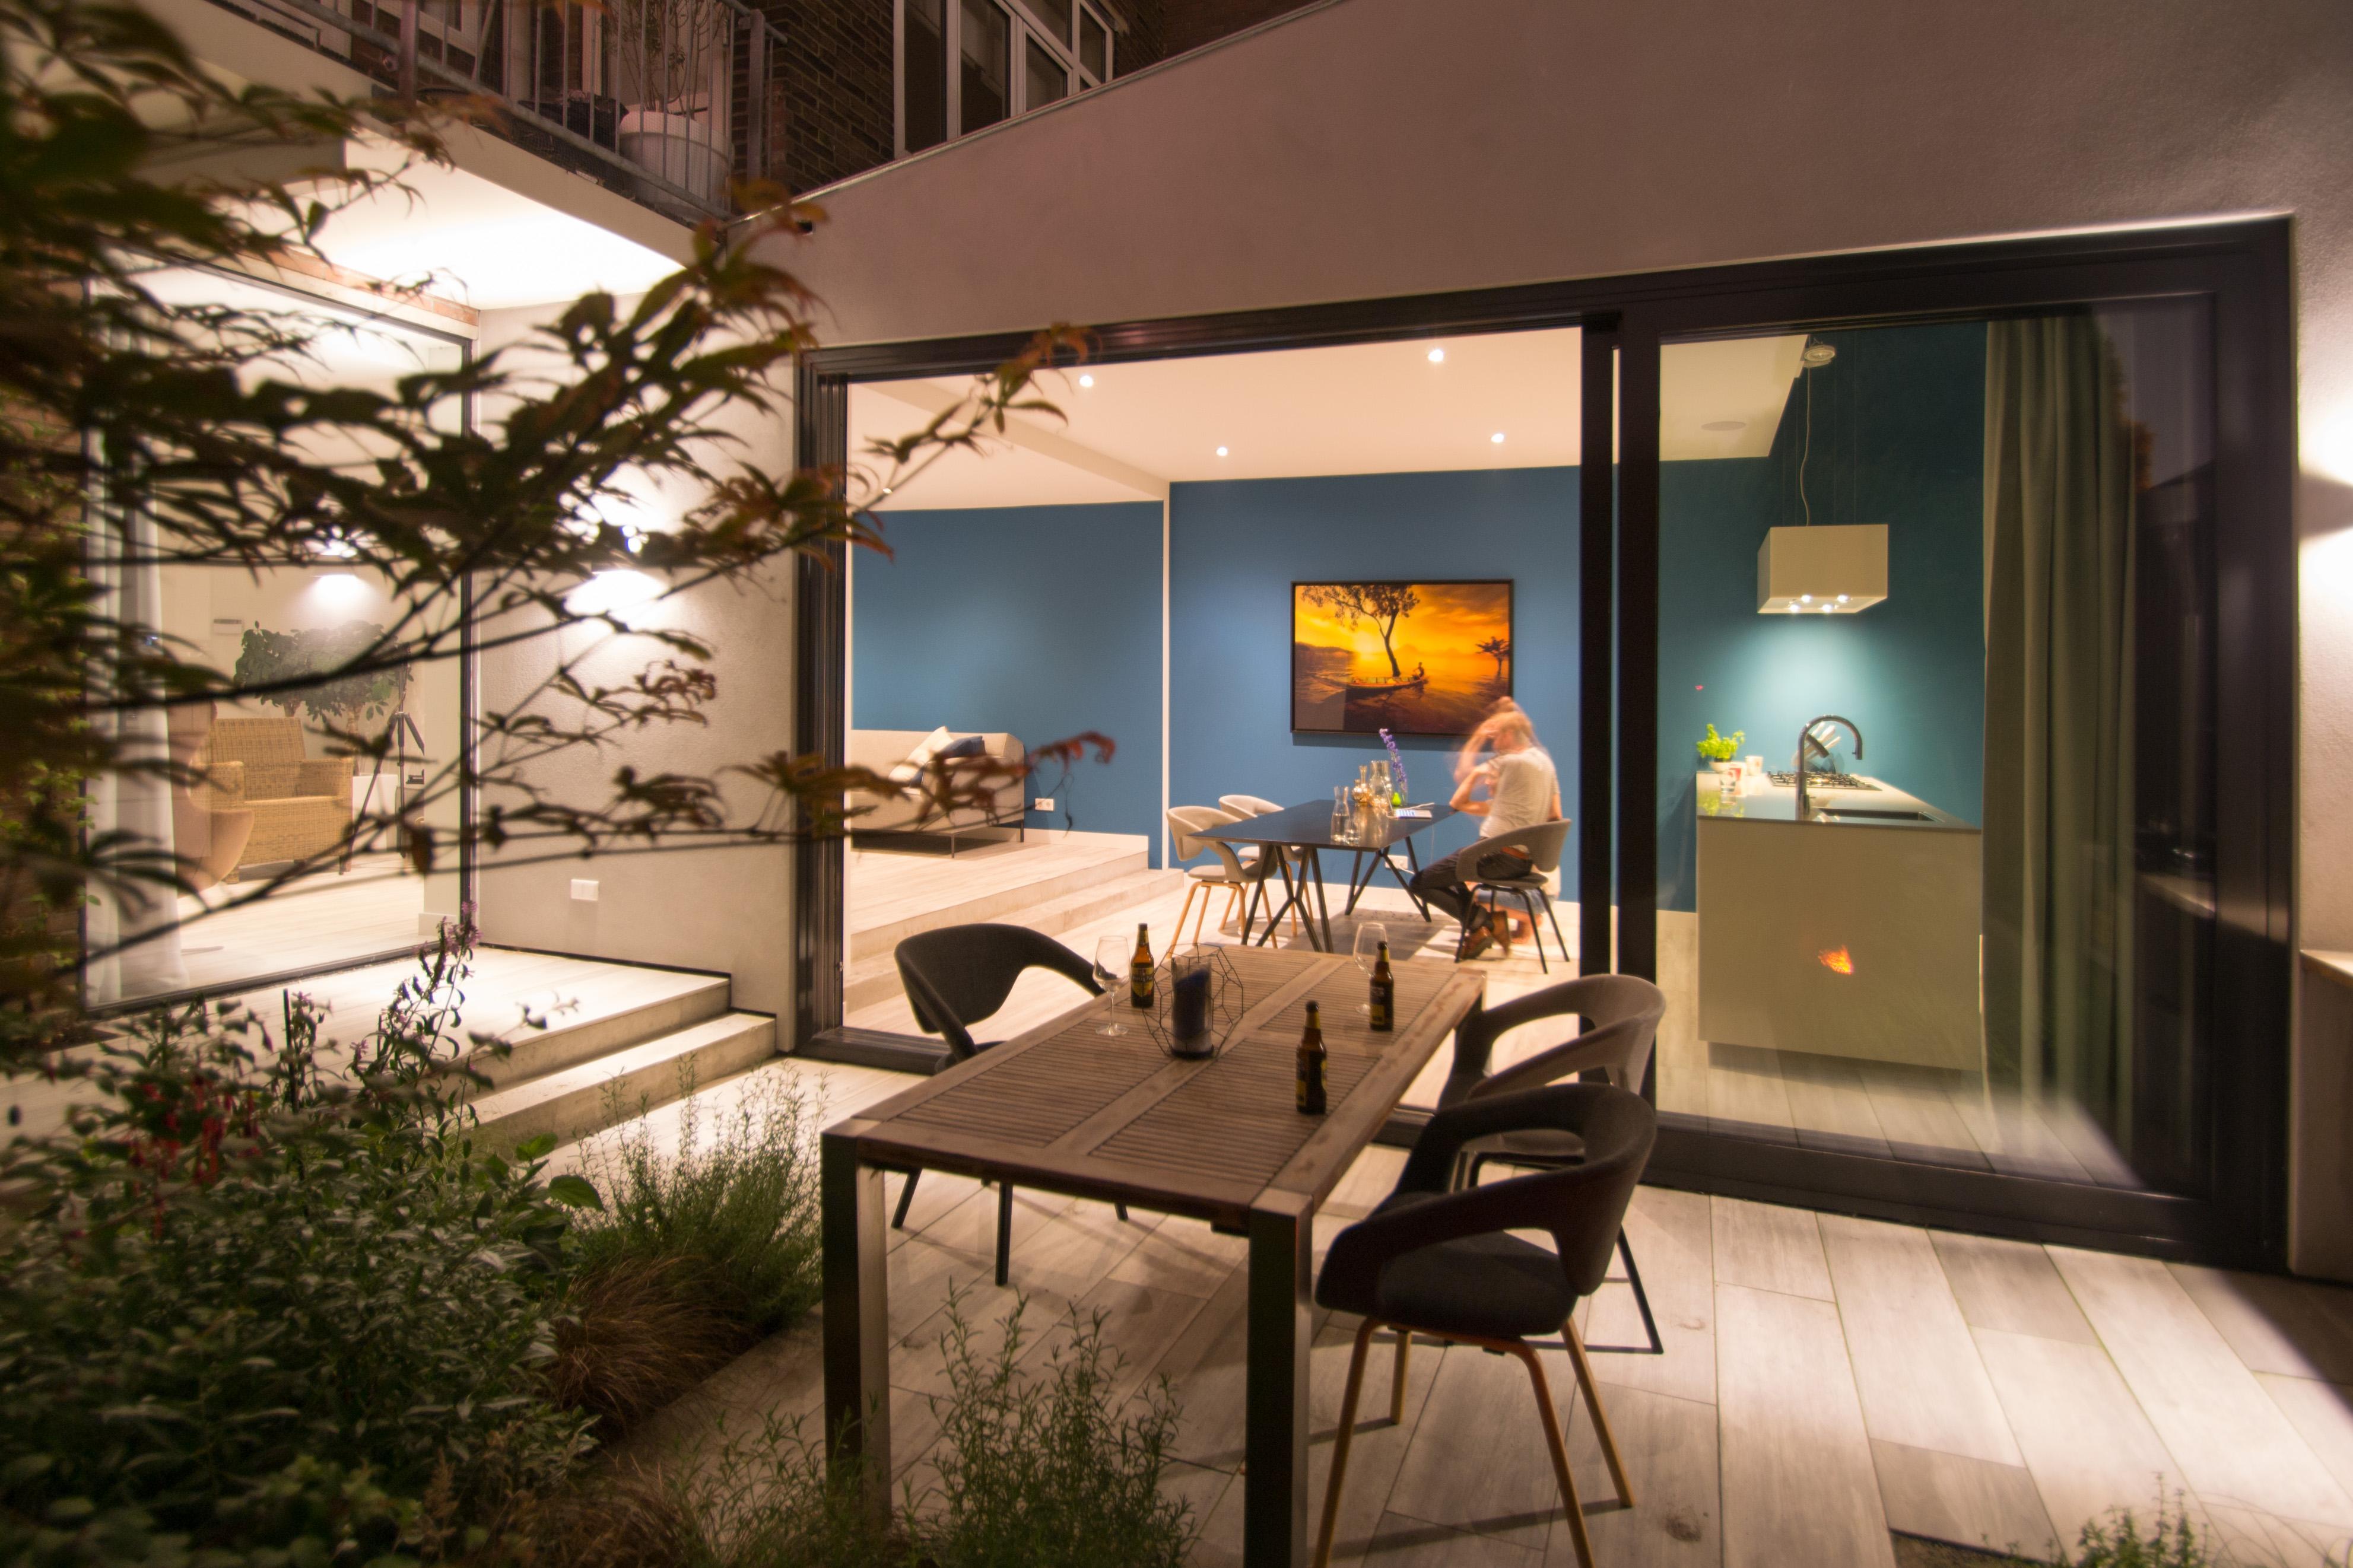 <p>De binnen en buiten ruimten vloeien in elkaar over. Zowel in de moderne uitbouw als in de tuin liggen twee tredes, waardoor de verbinding tussen binnen en buiten wordt versterkt.</p>